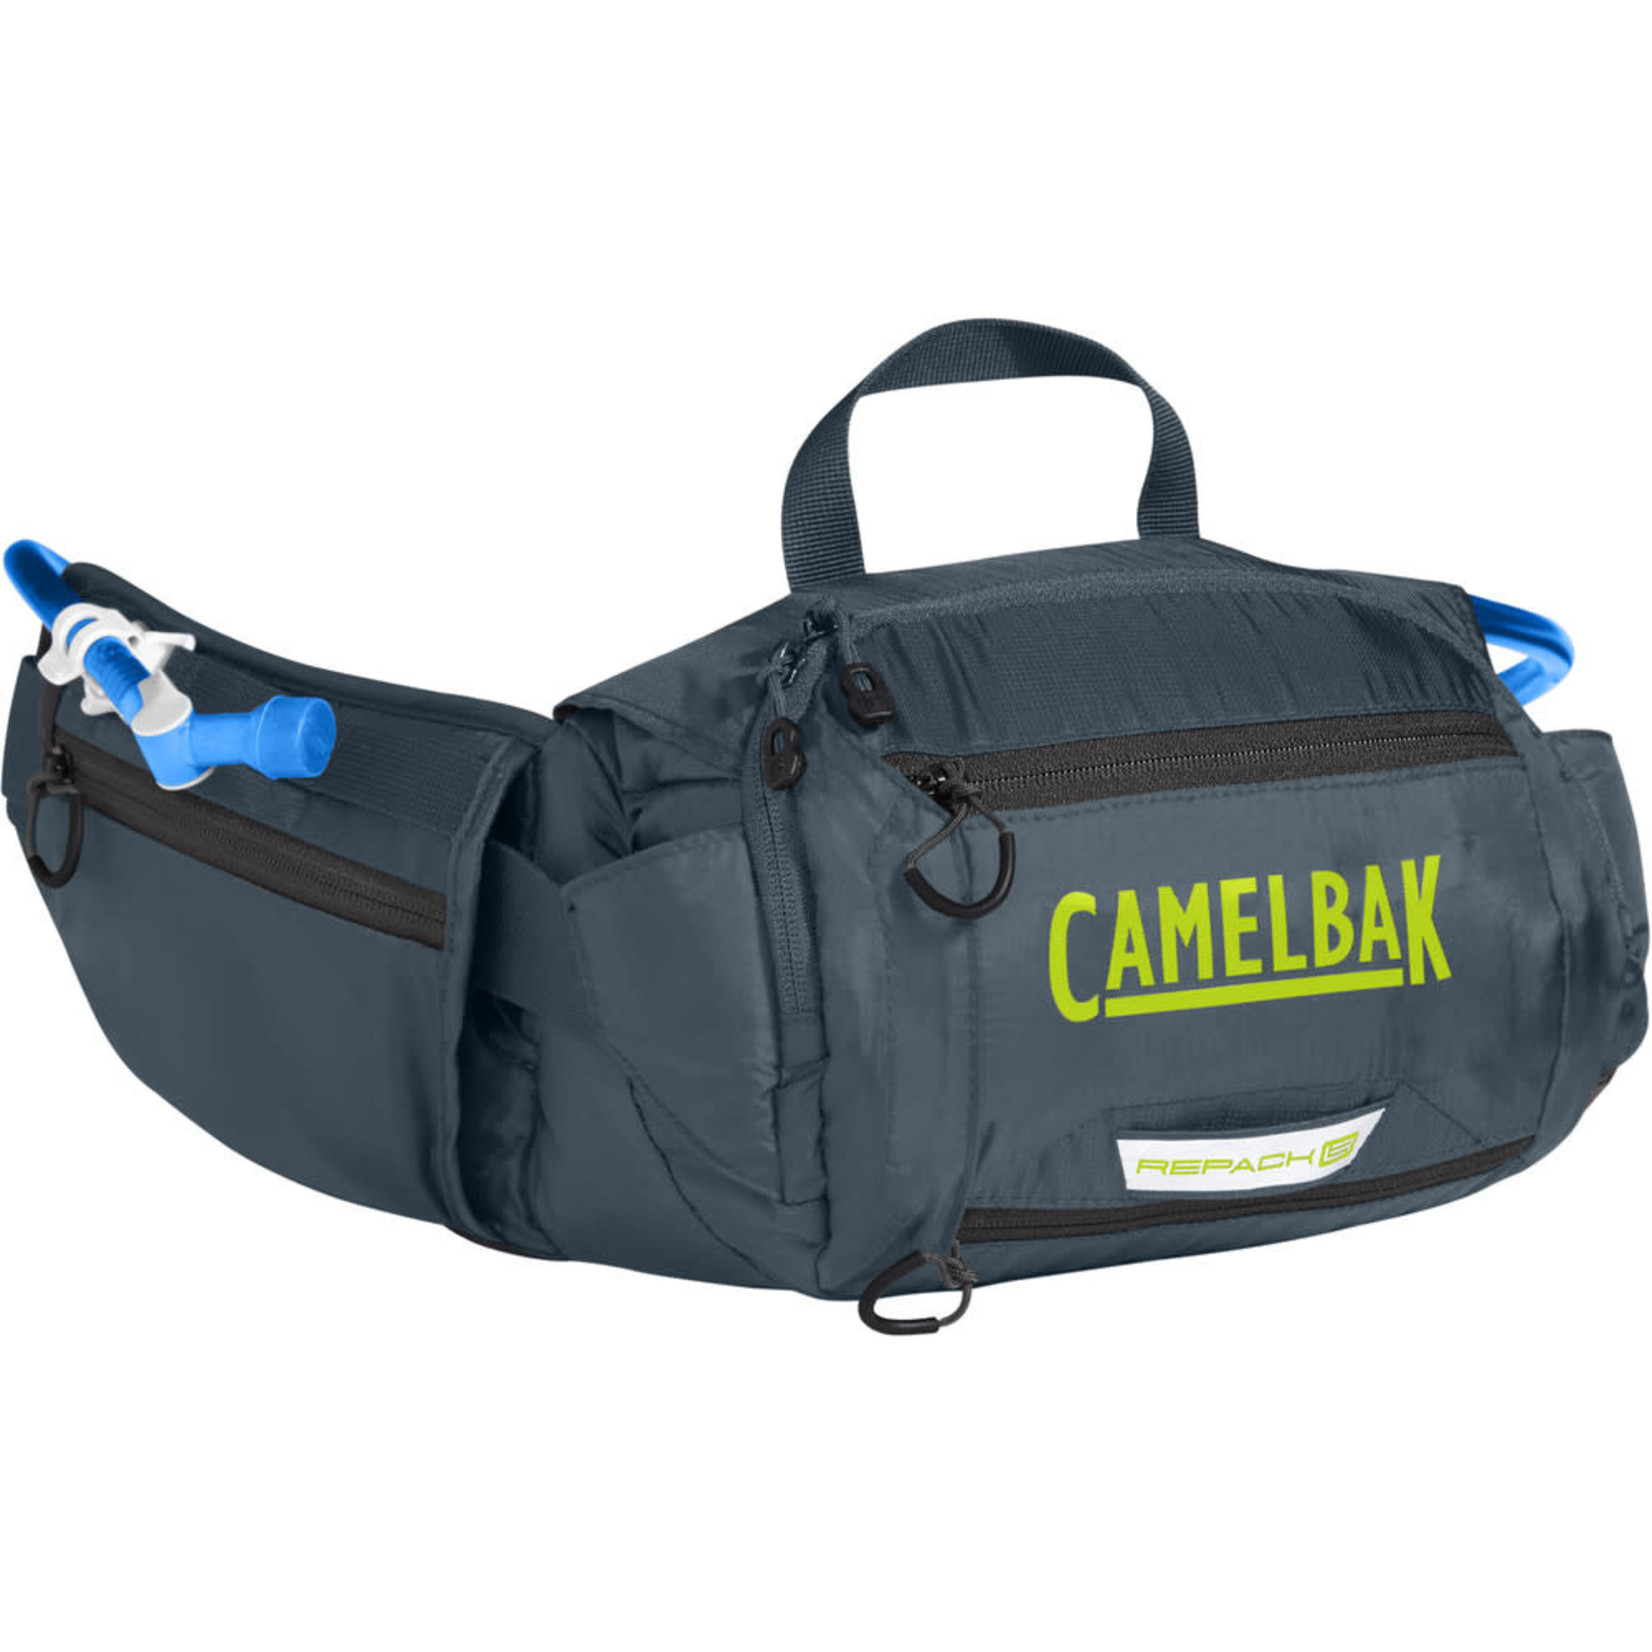 Camelbak Camelbak Repack LR4, 1.5L, Dark Slate